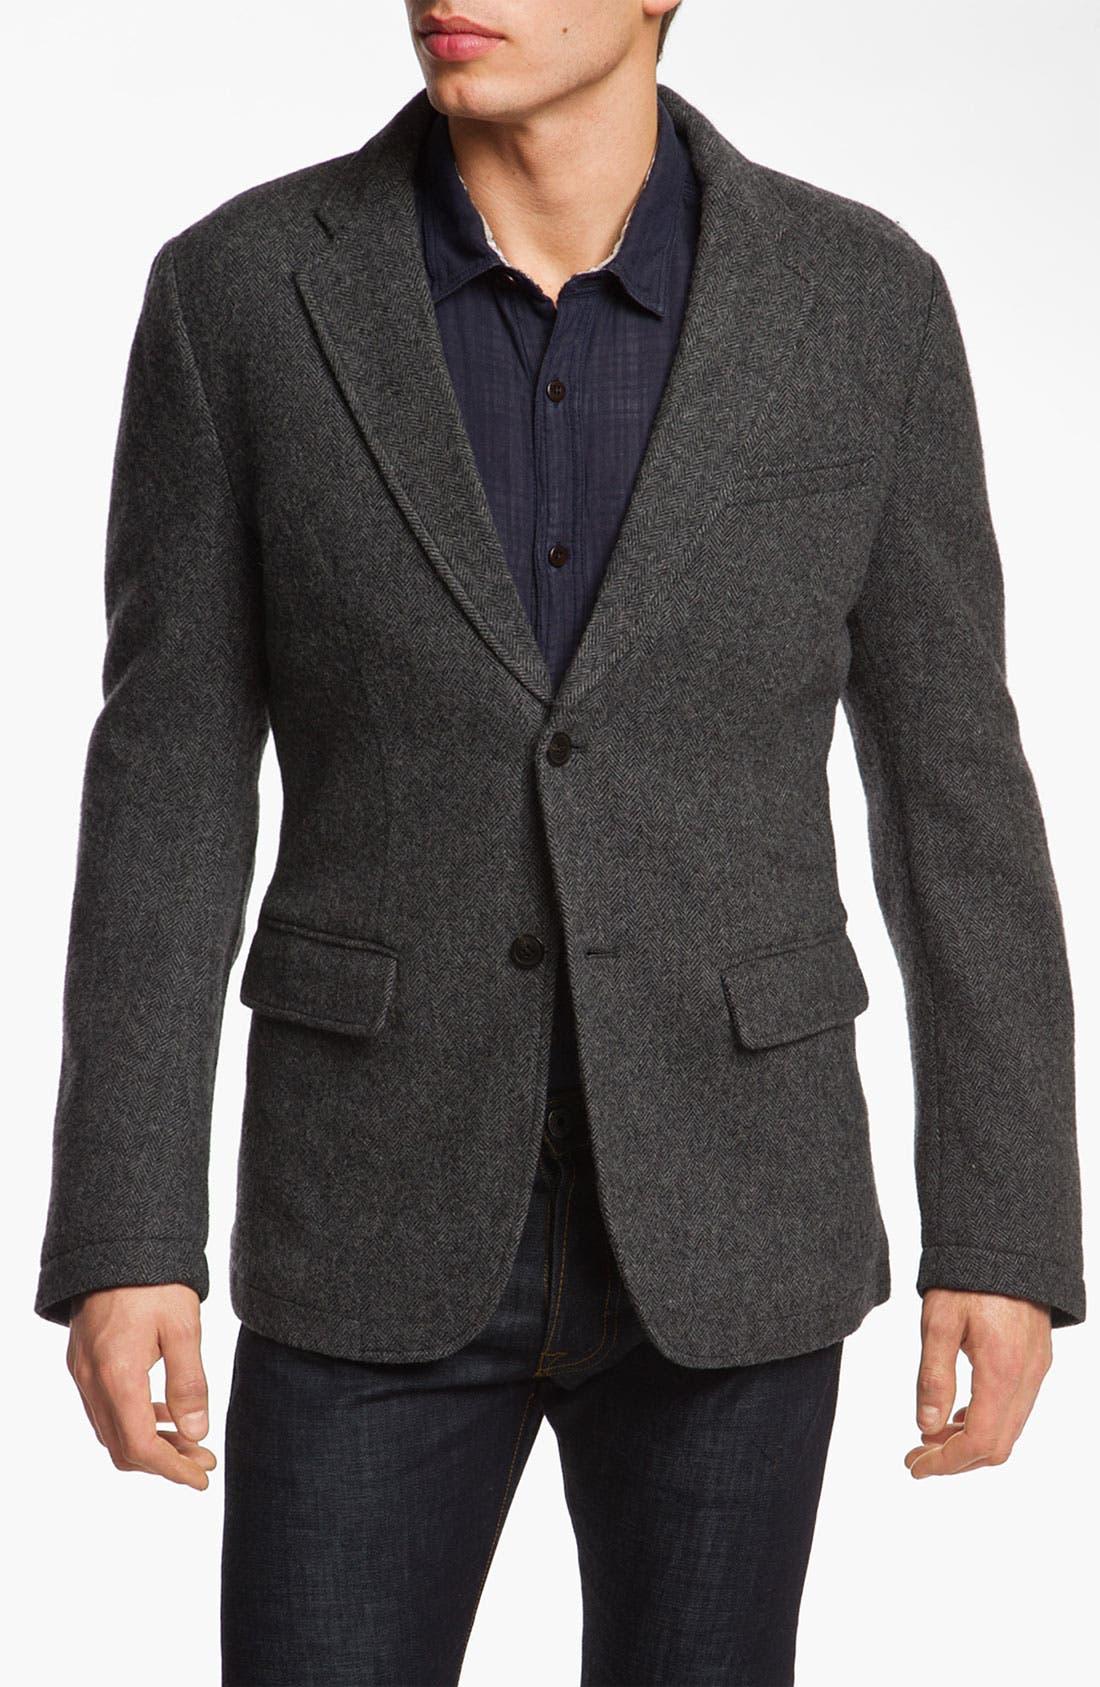 Main Image - Woolrich John Rich 'Settlers' Tweed Sportcoat